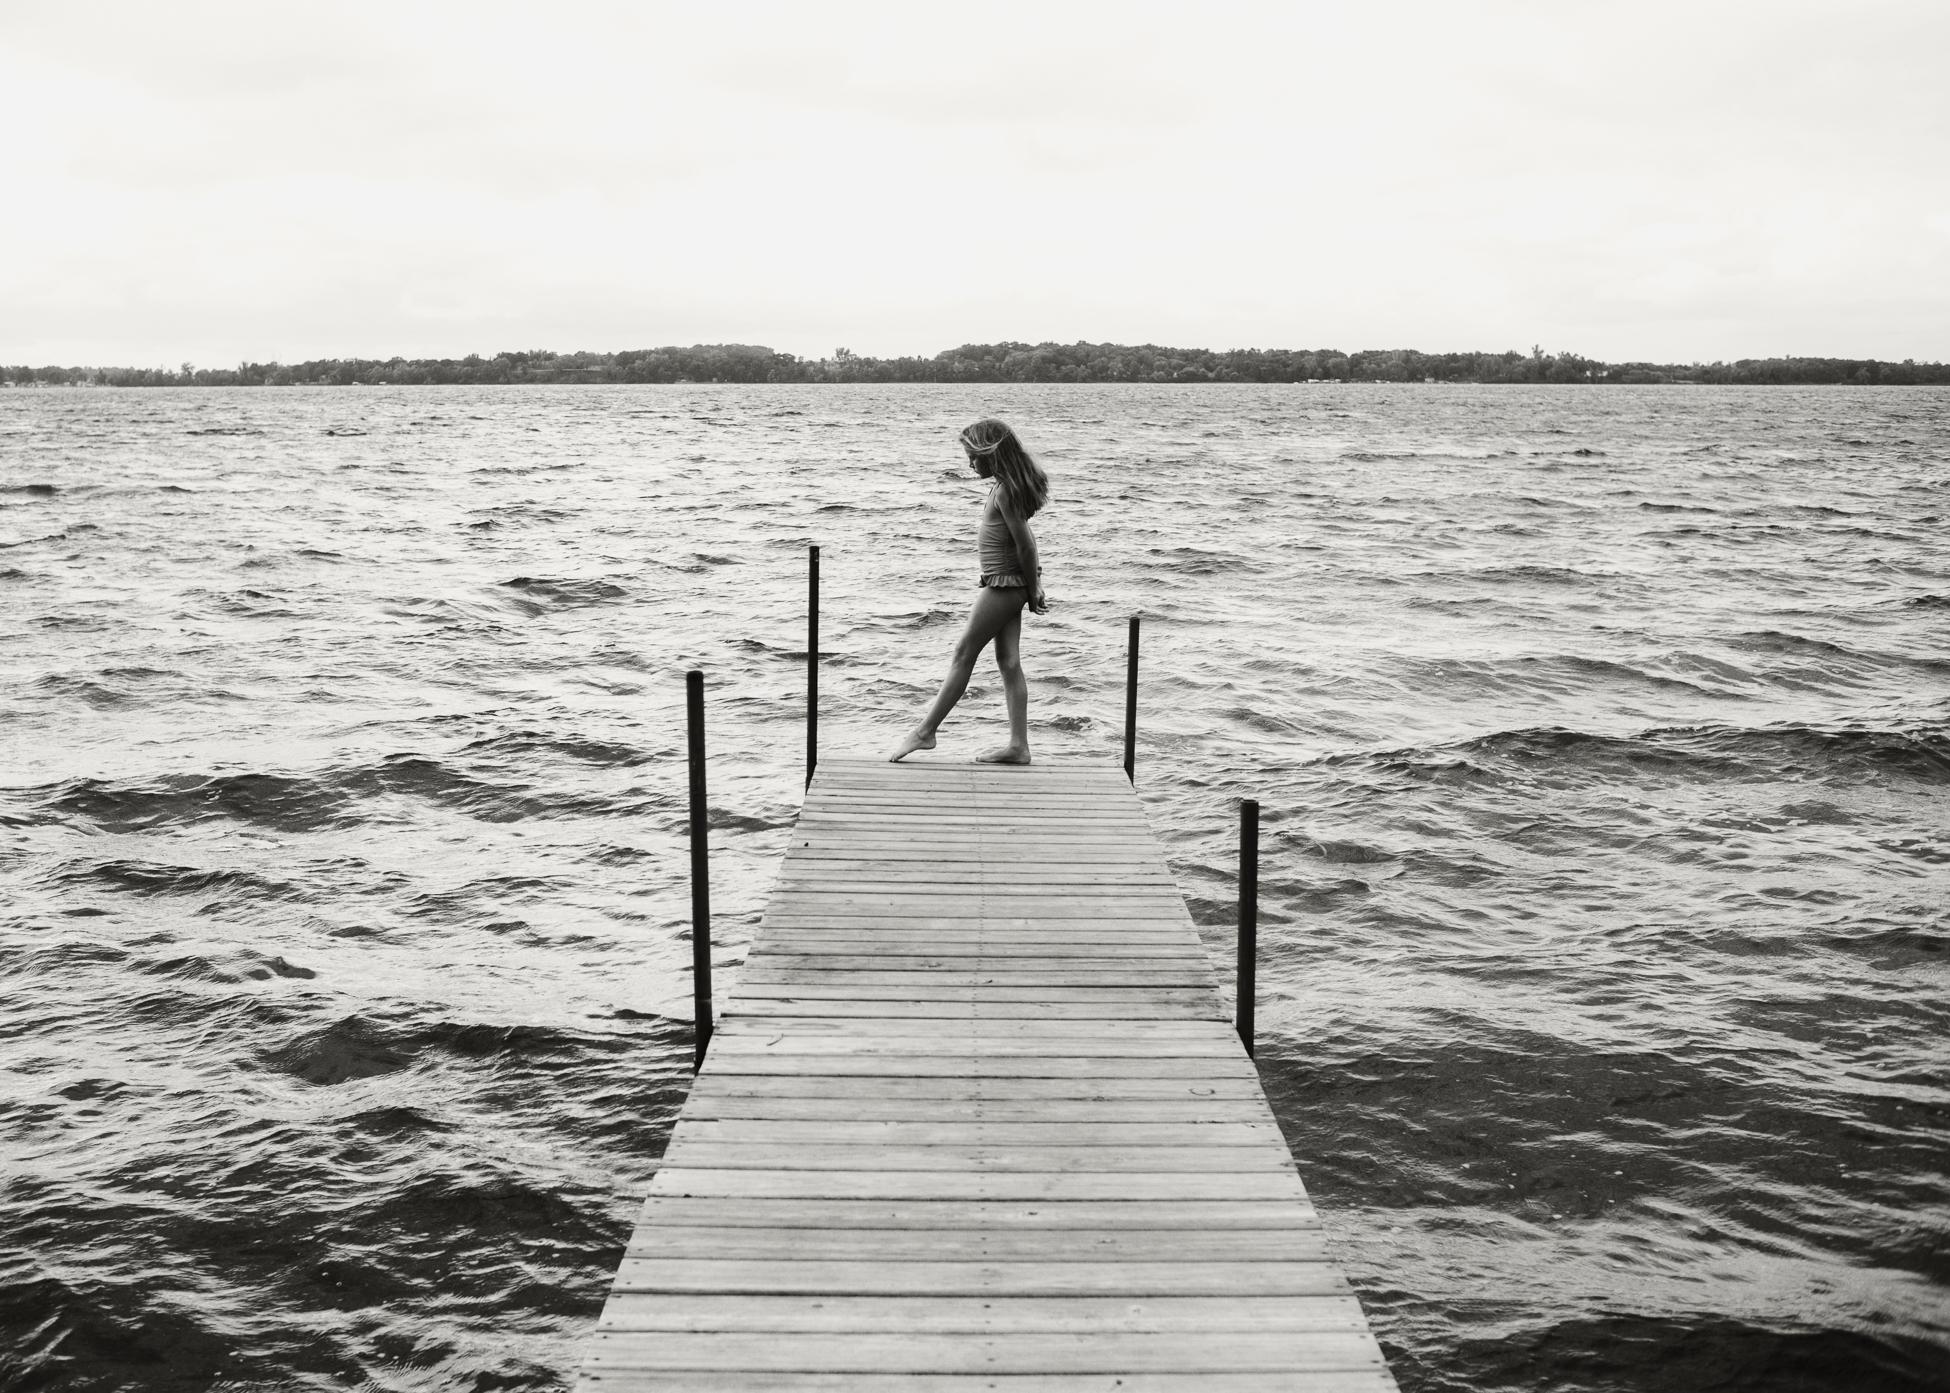 Battle Lake, MN, 2013